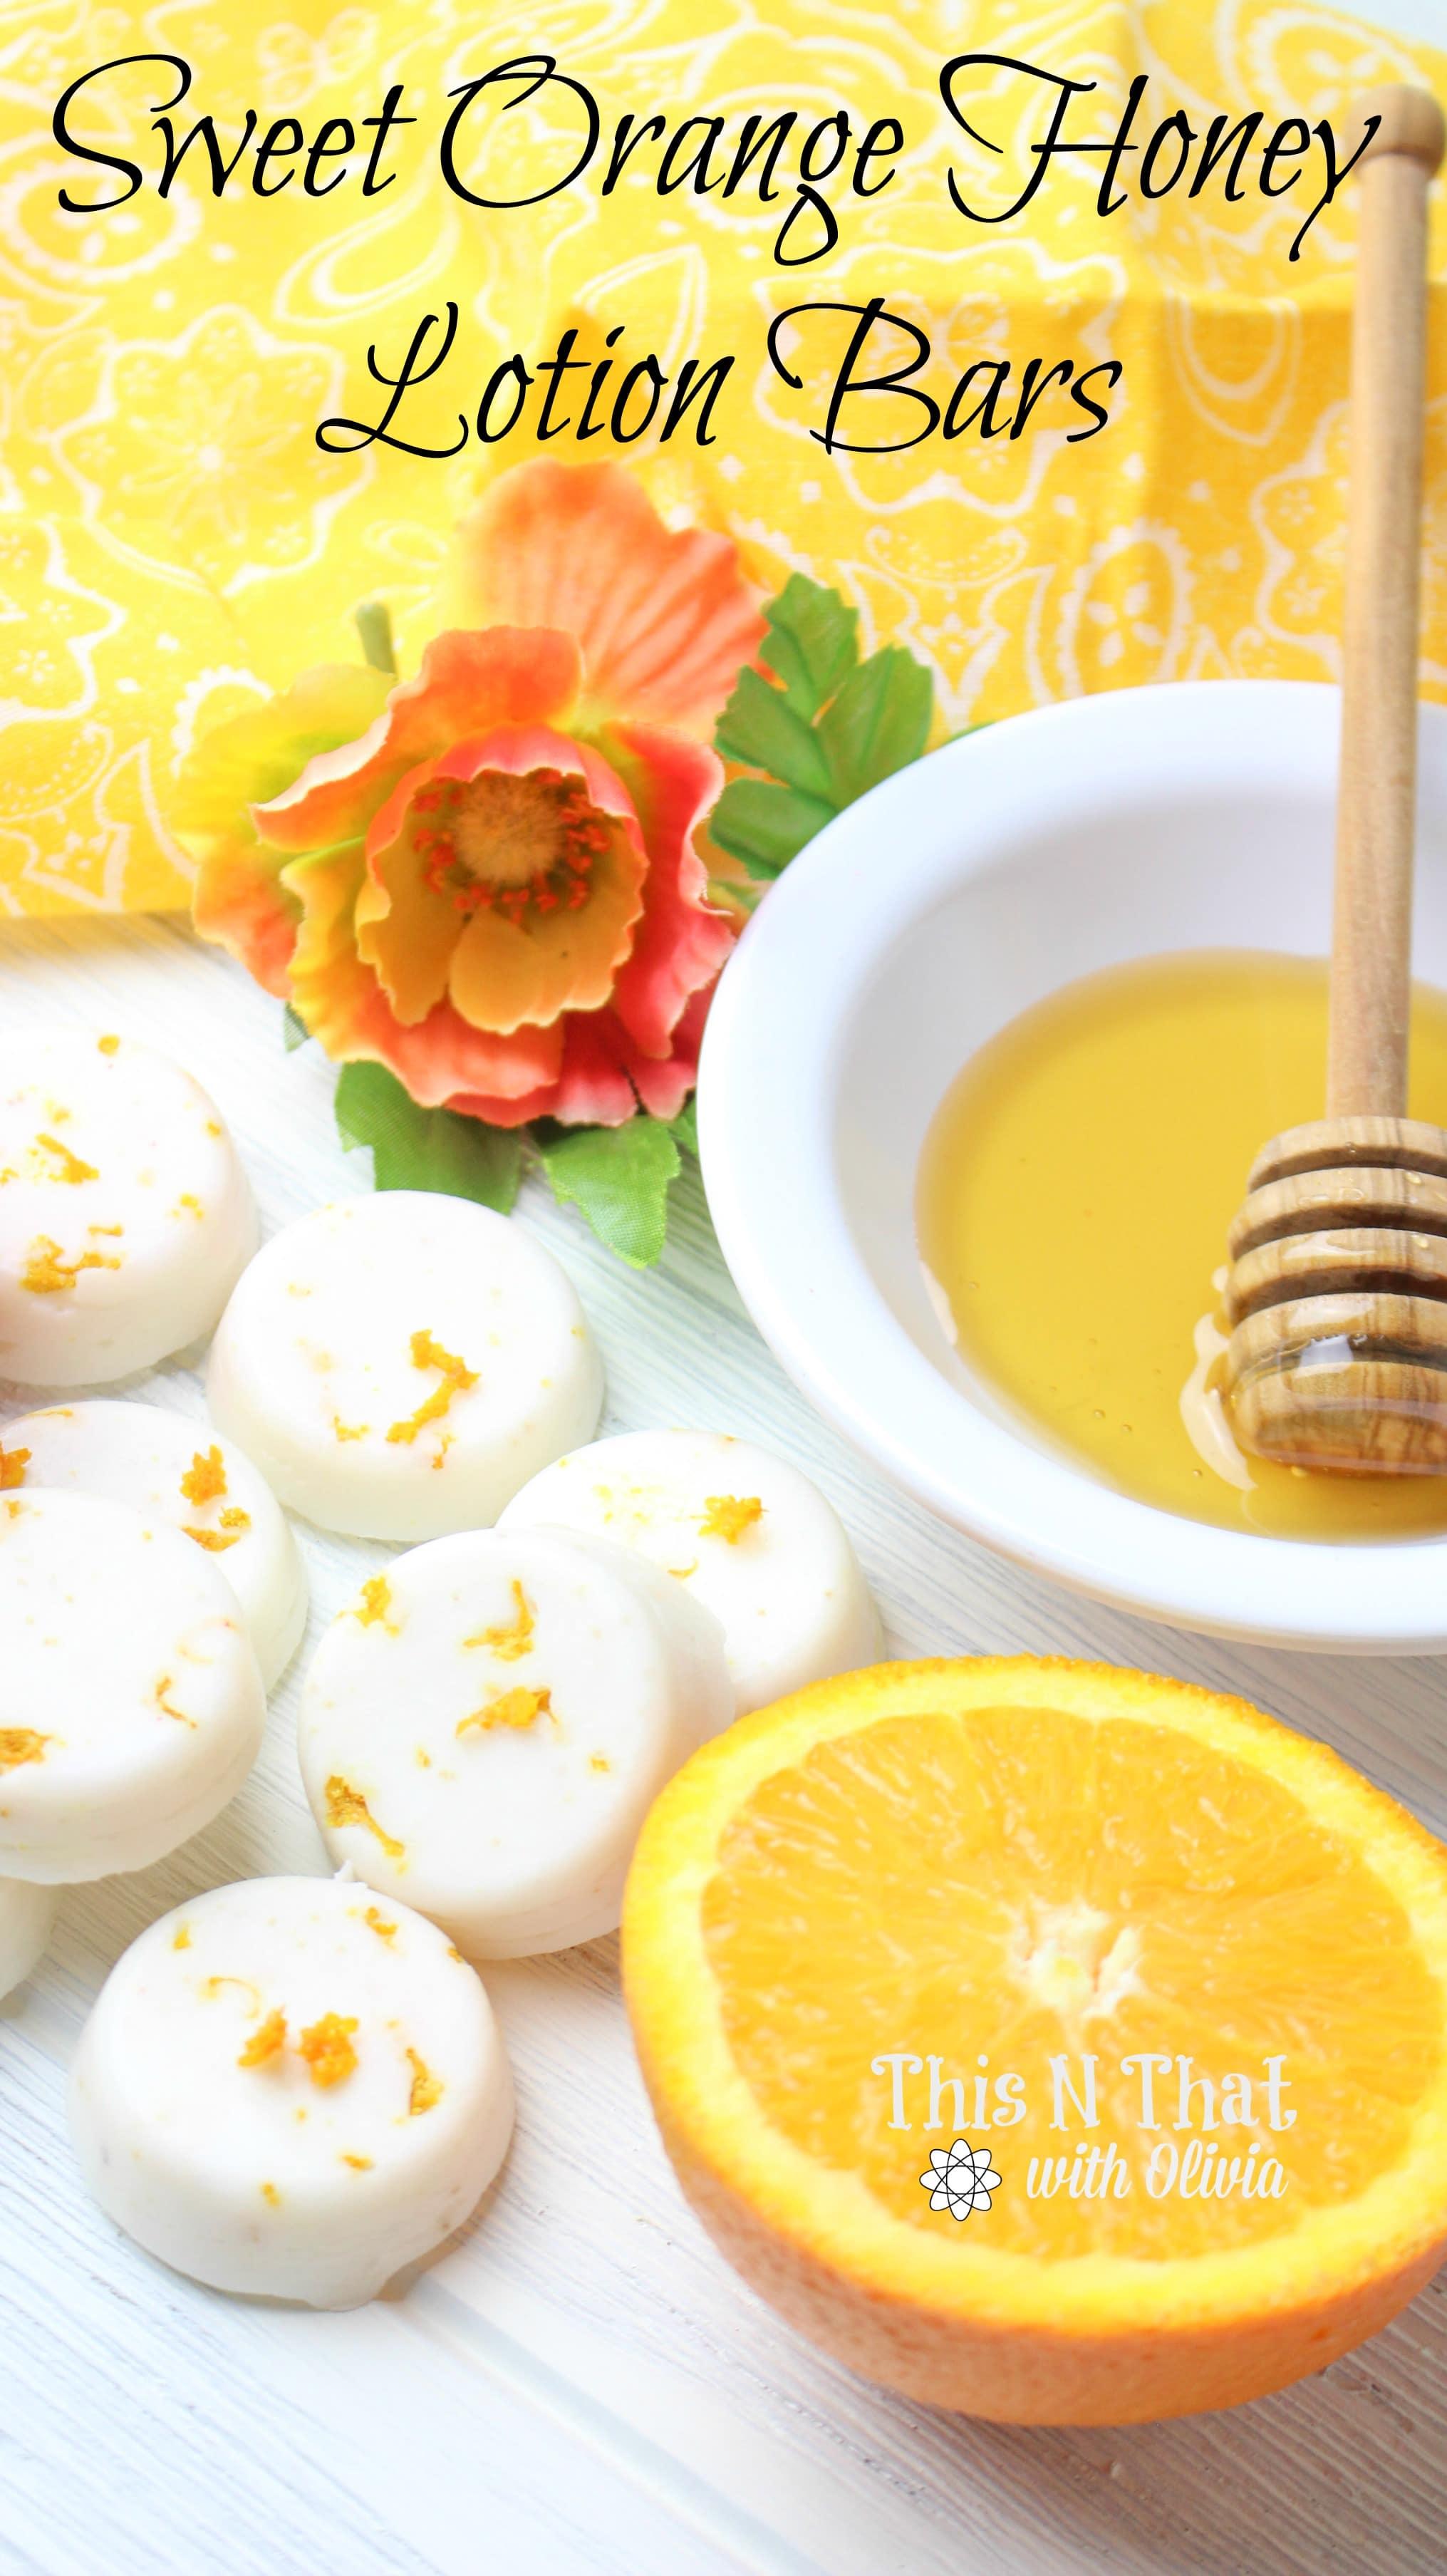 Sweet Orange Honey Lotion Bars